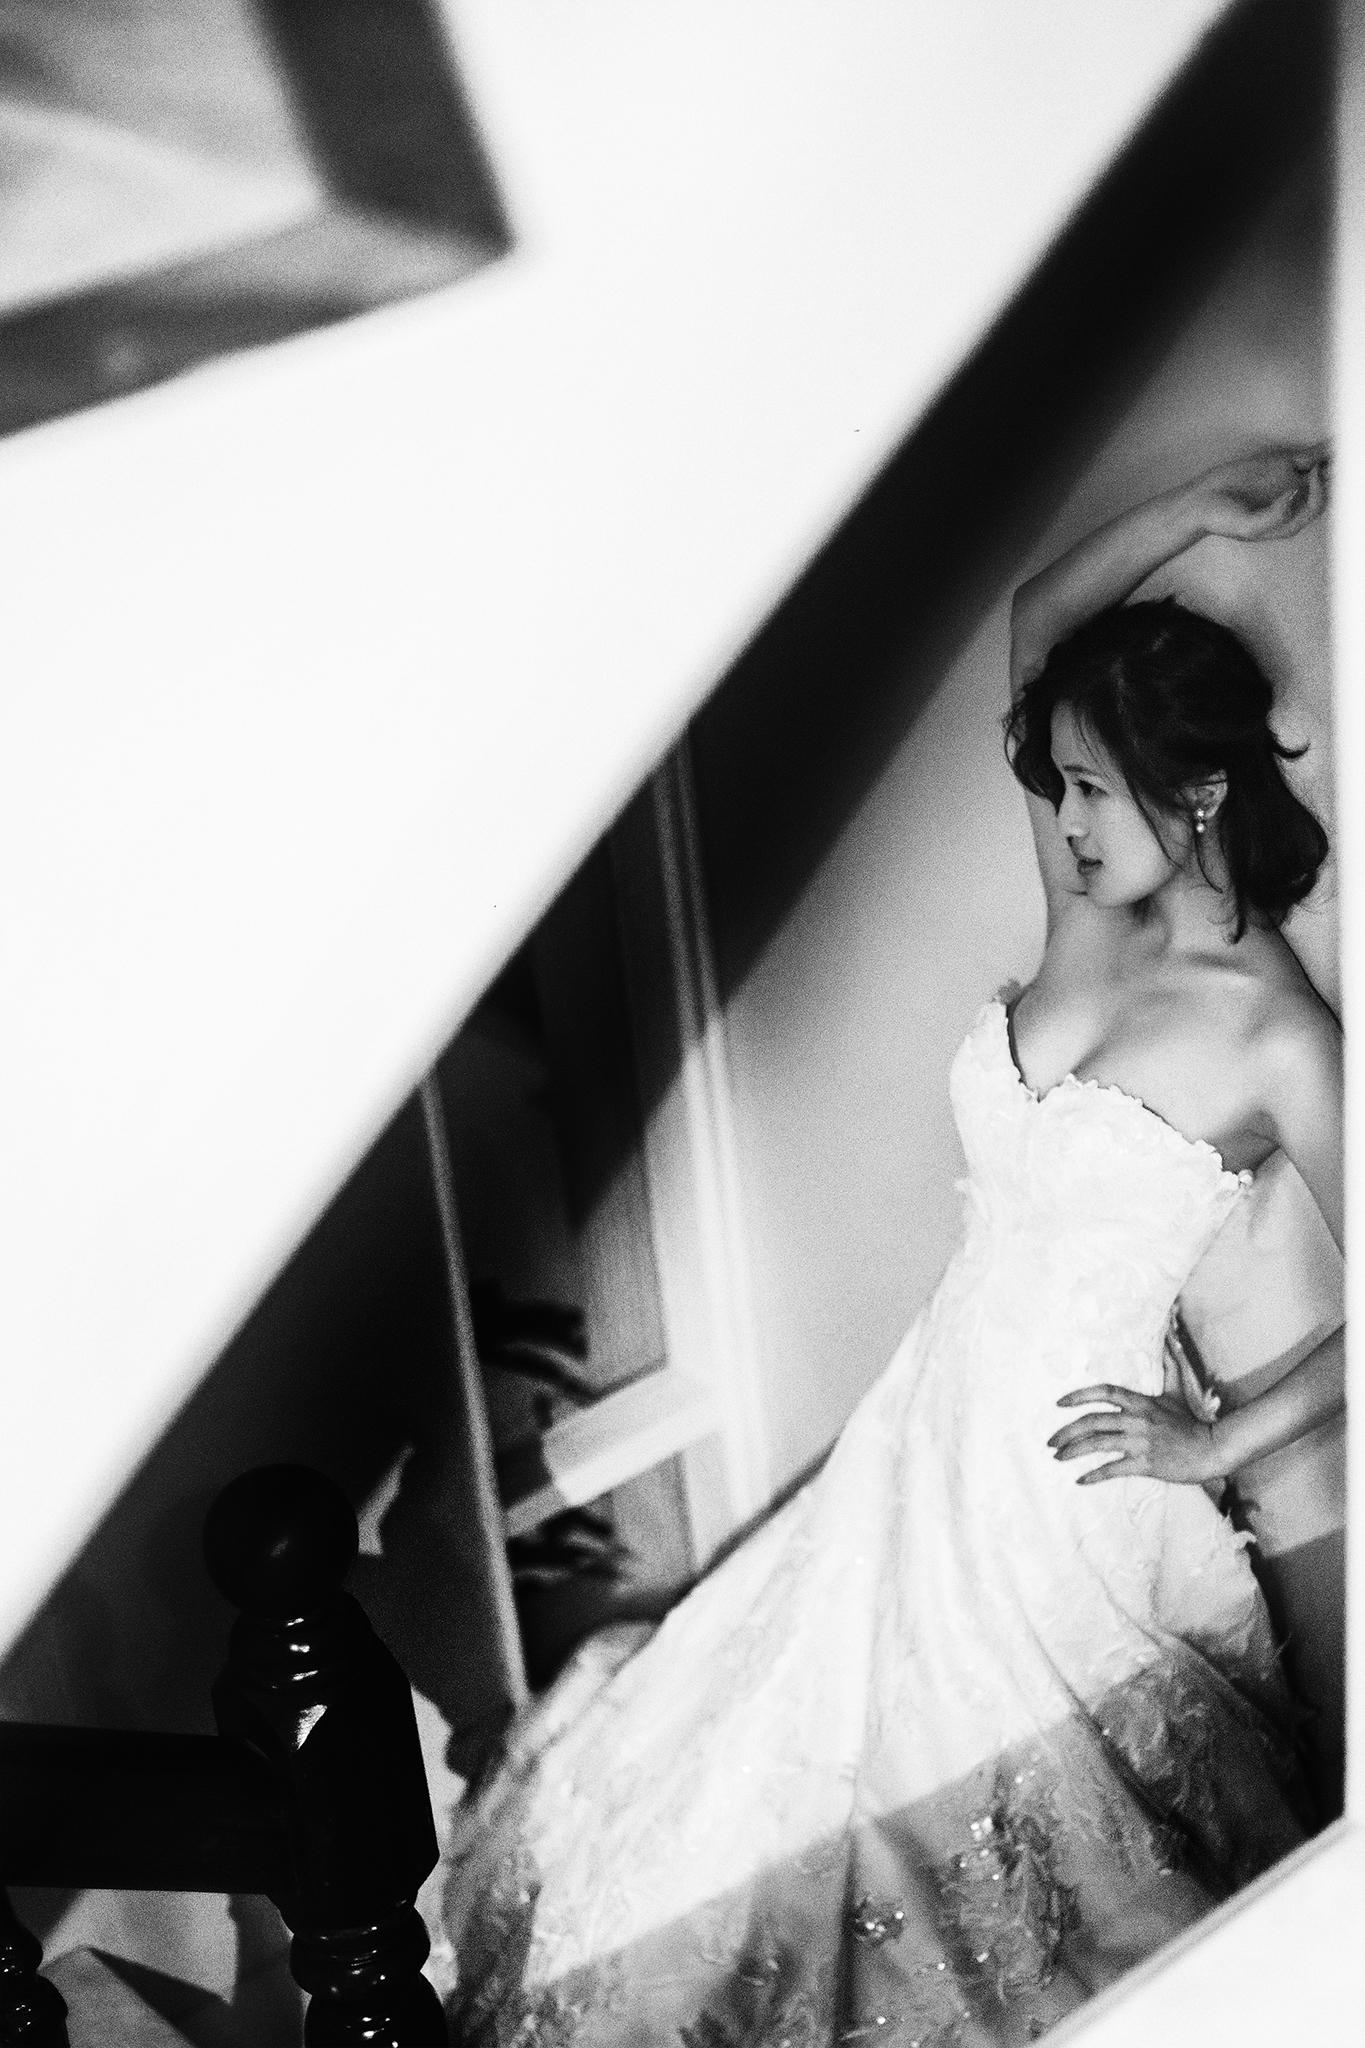 女孩們婚禮中最期待的,就是在婚禮當天穿上一襲精緻的嫁紗,美麗的展現在眾人面前。如果禮服有任何問題,加上又要穿一整天,其實是既不舒服又難熬的。新娘們,你們只要能夠自行在試穿時學會判斷禮服是否合身, 就能省去臨時補救的麻煩,為自己與新祕們爭取更多的做造型時間。